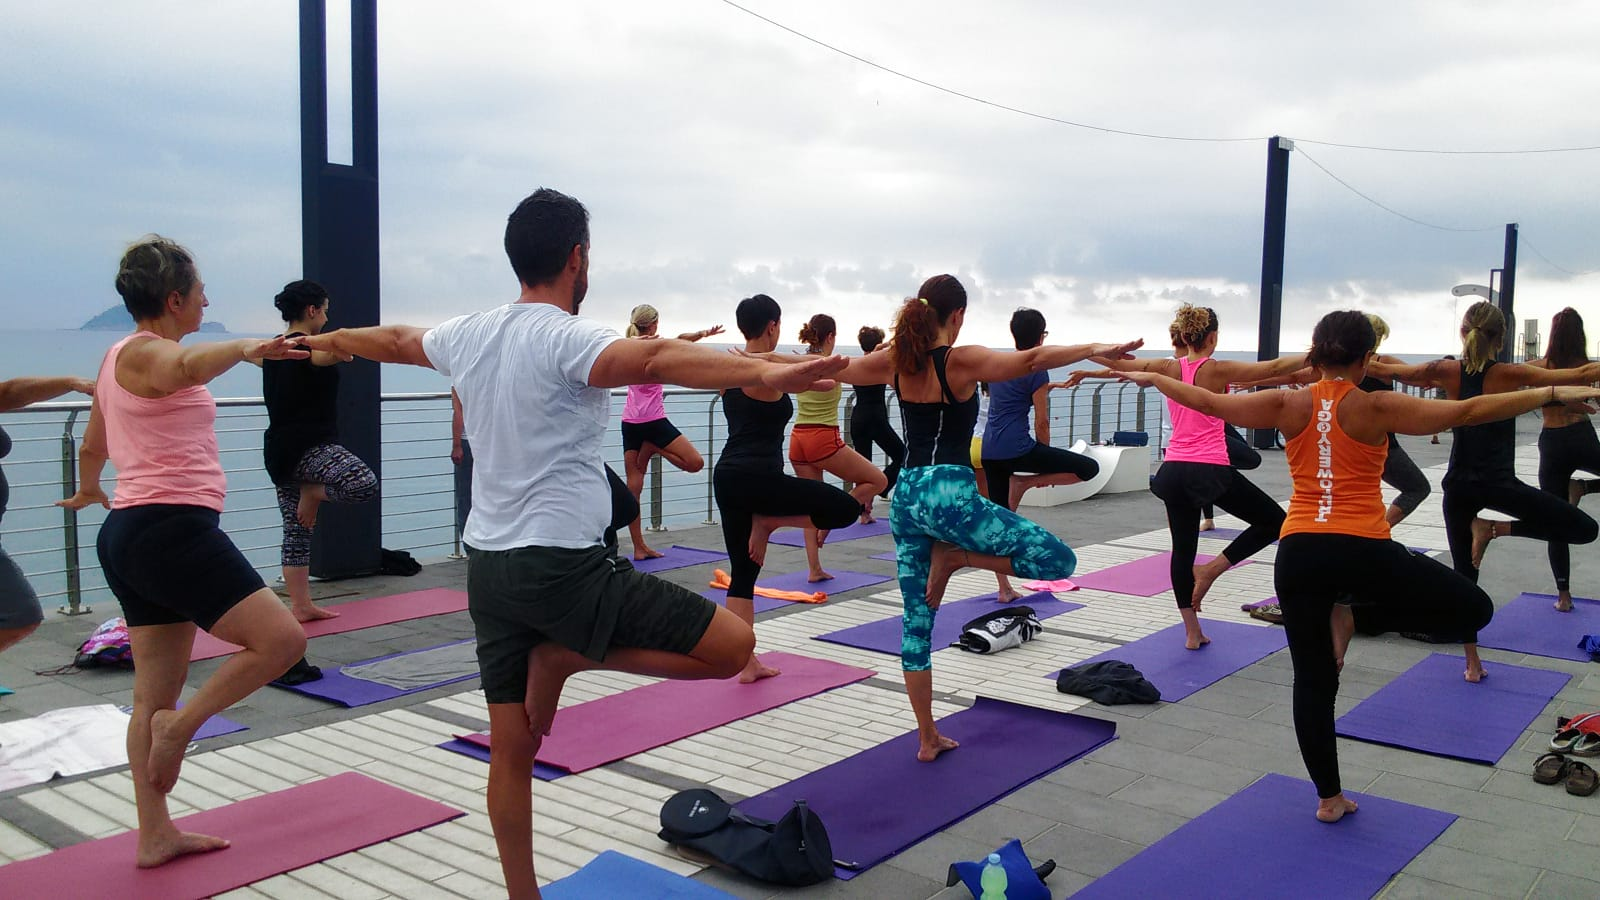 1_essere-free-yoga-gratuito-benessere-per-tutti-village-citta-alassio-estate-lucia-ragazzi-summer-town-wellness-091